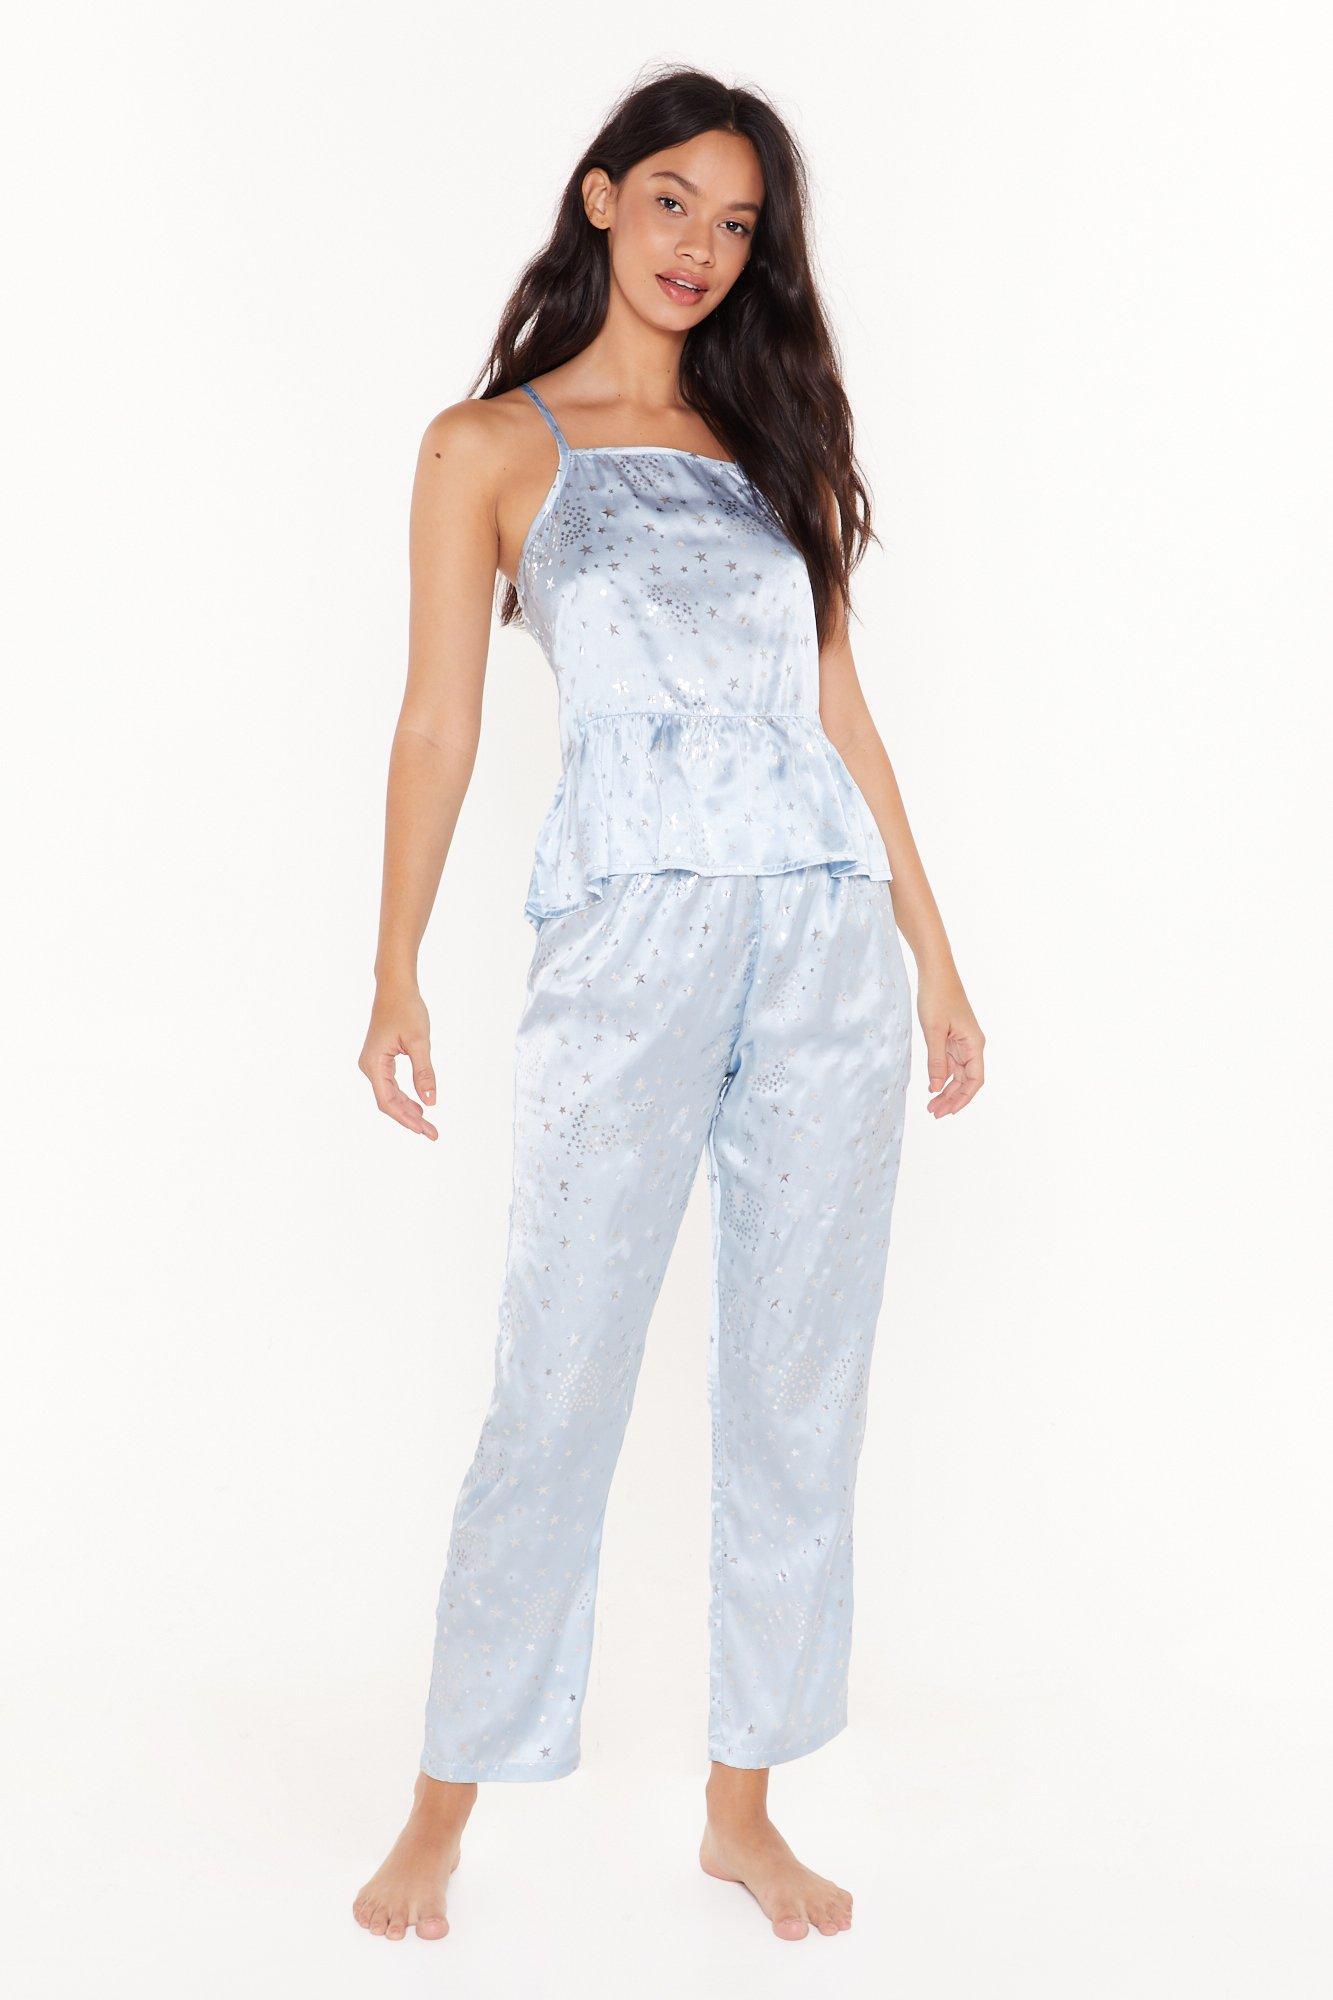 Image of Late Night Memories Satin Star Pajama Set